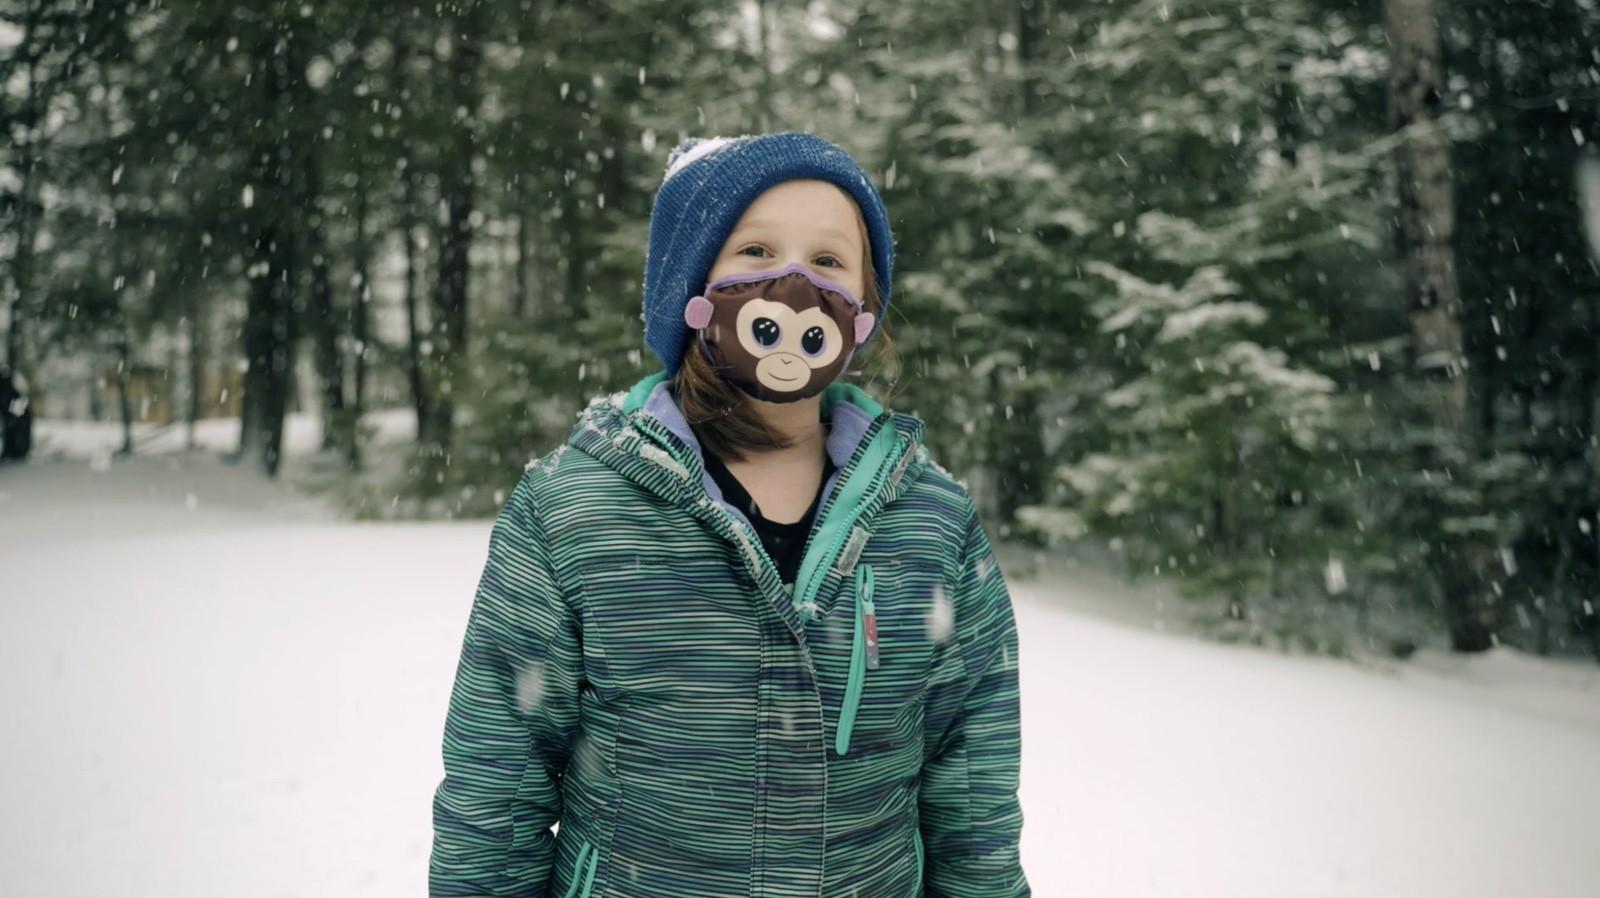 WinterKids Winter Games 2021 Video Screenshots14